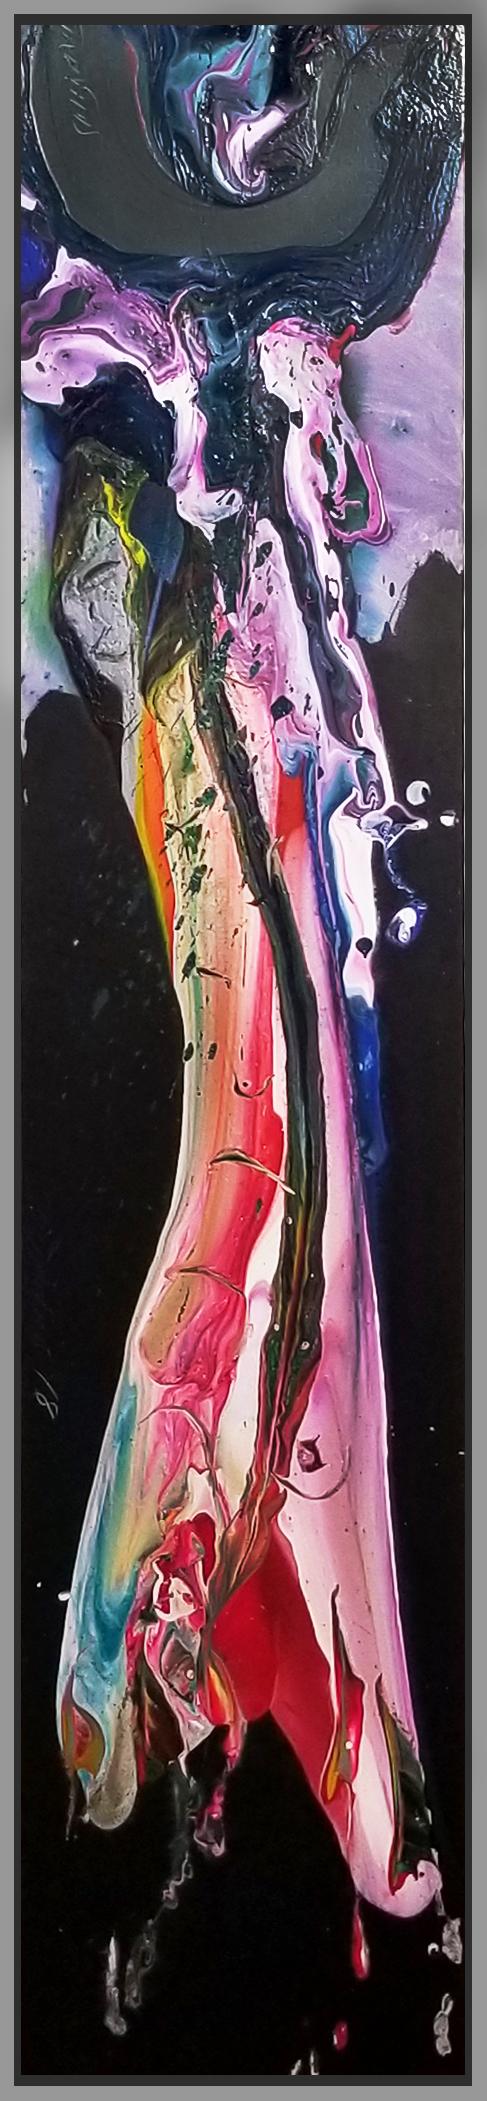 """SP² #77, 2018, acrylic on canvas, 20"""" x 70"""" (51 x 178 cm)"""